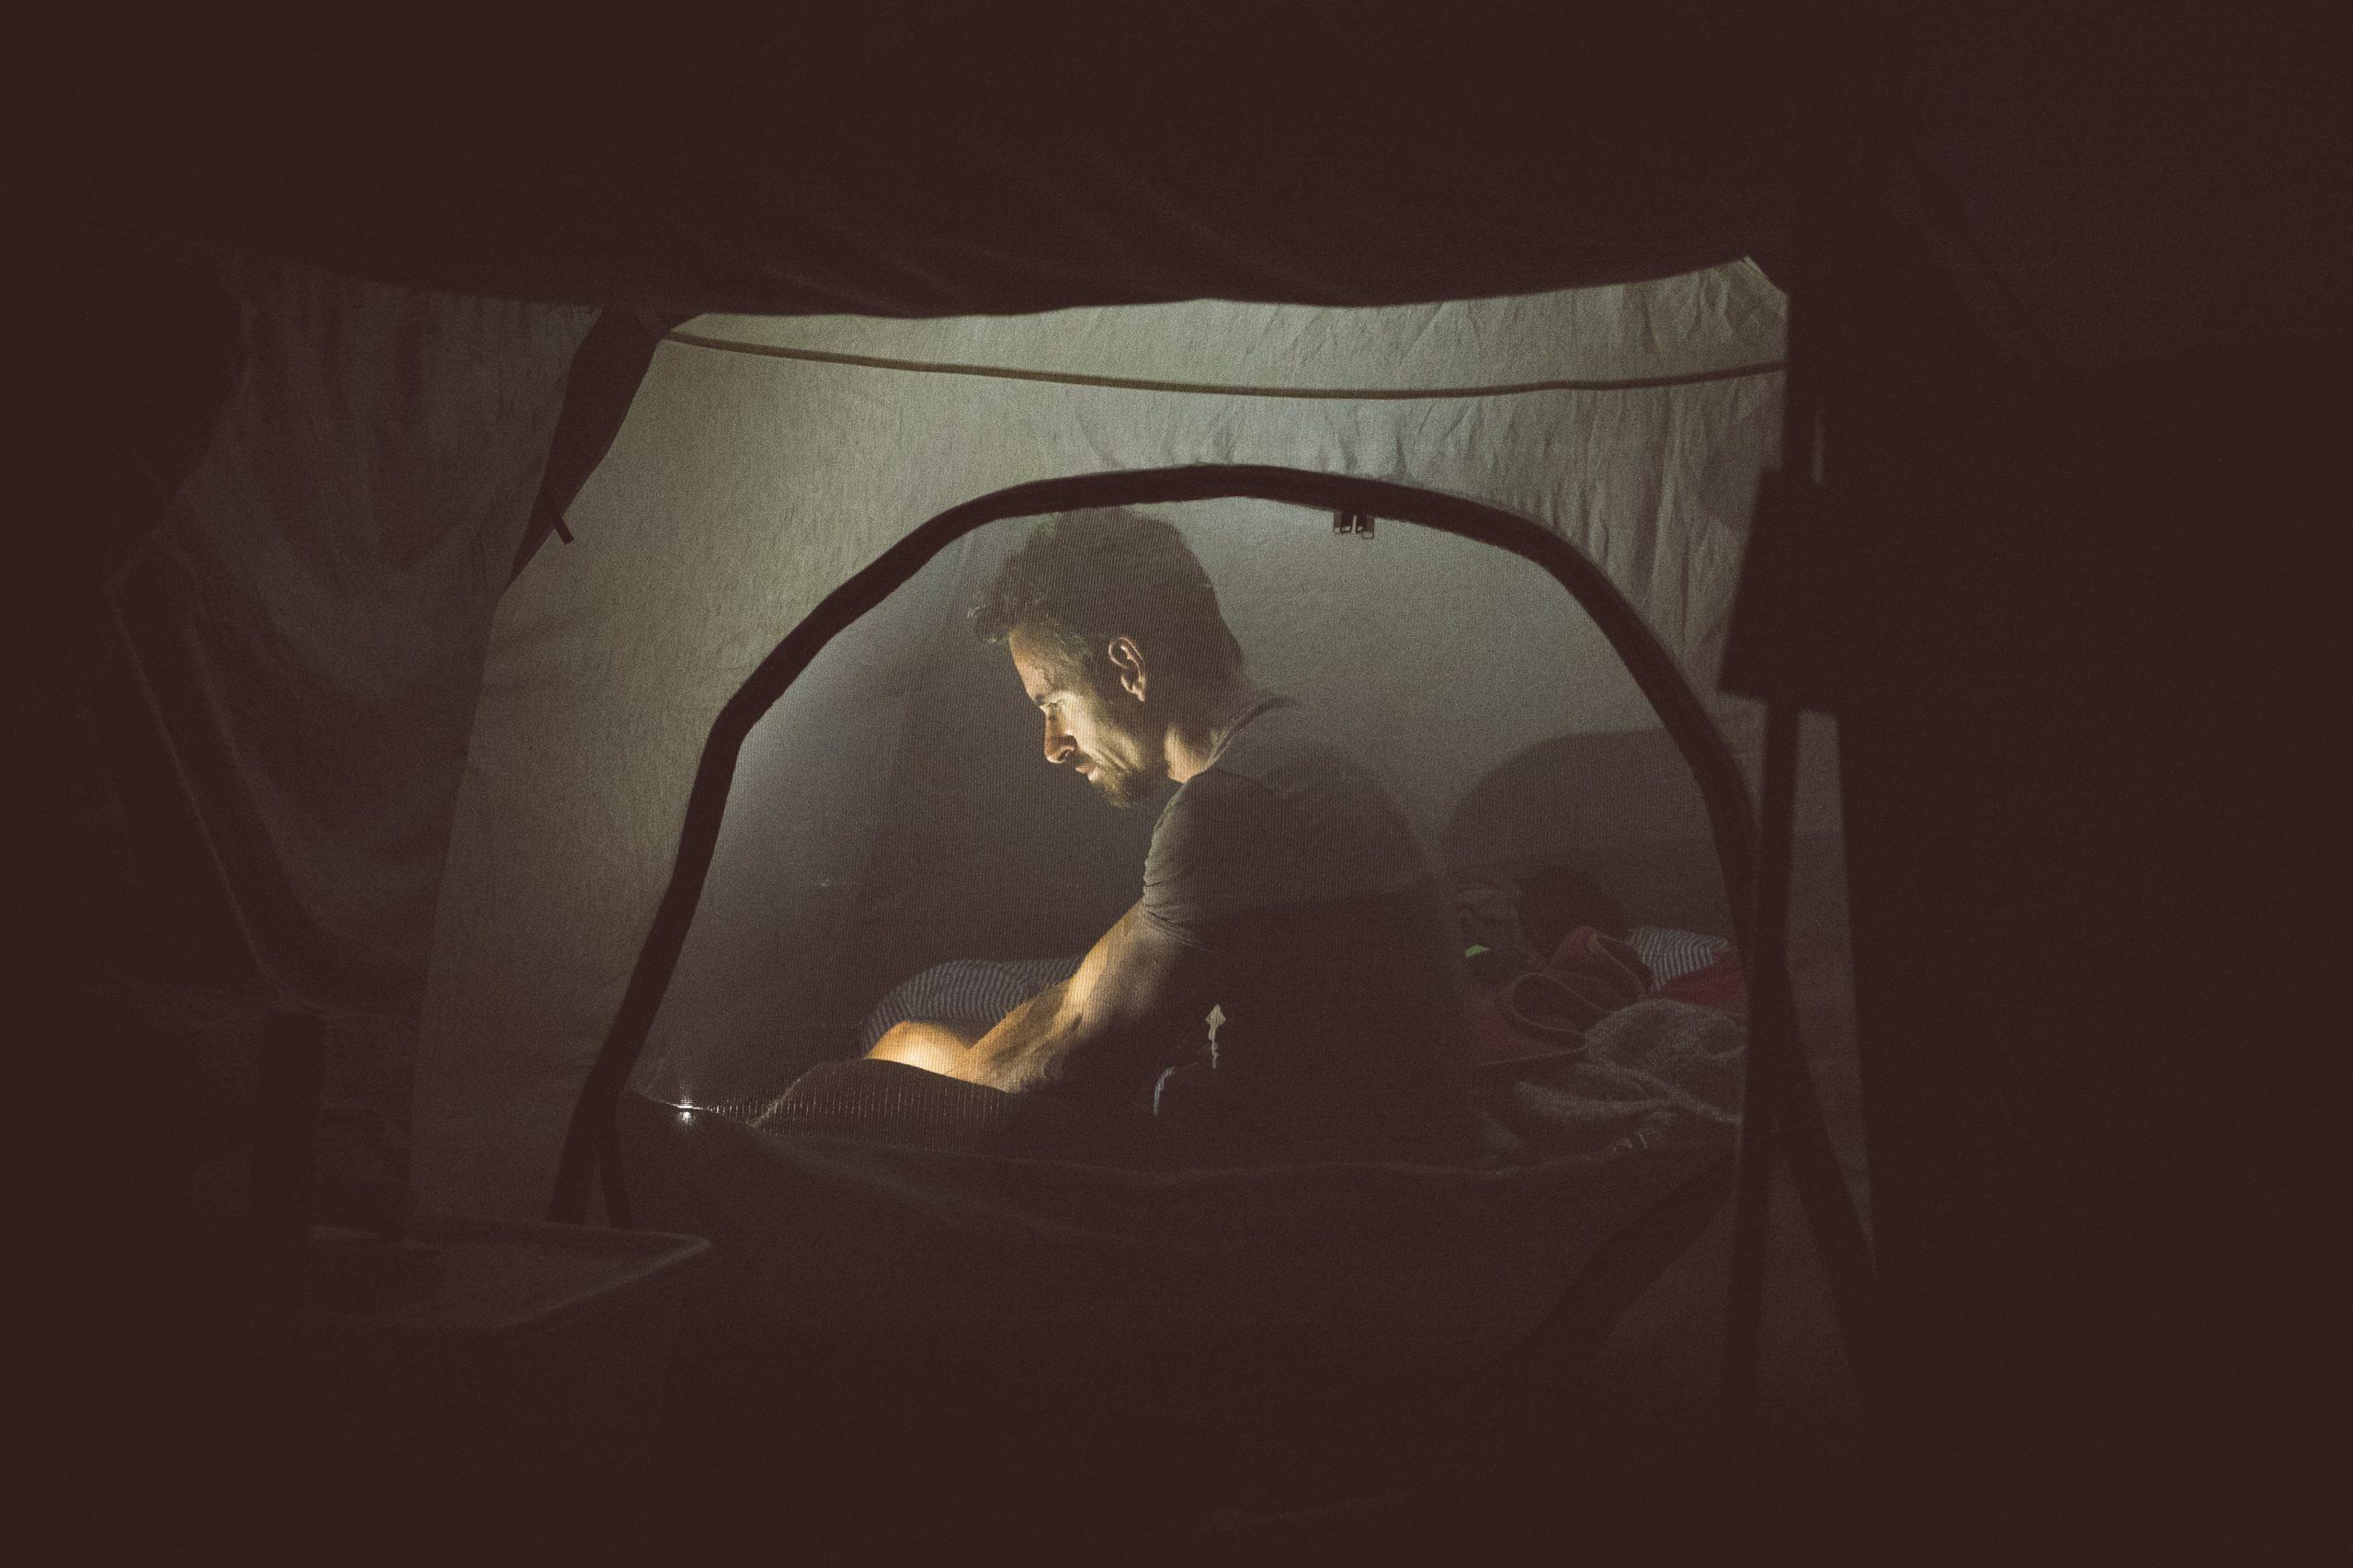 chico en tienda de acampar